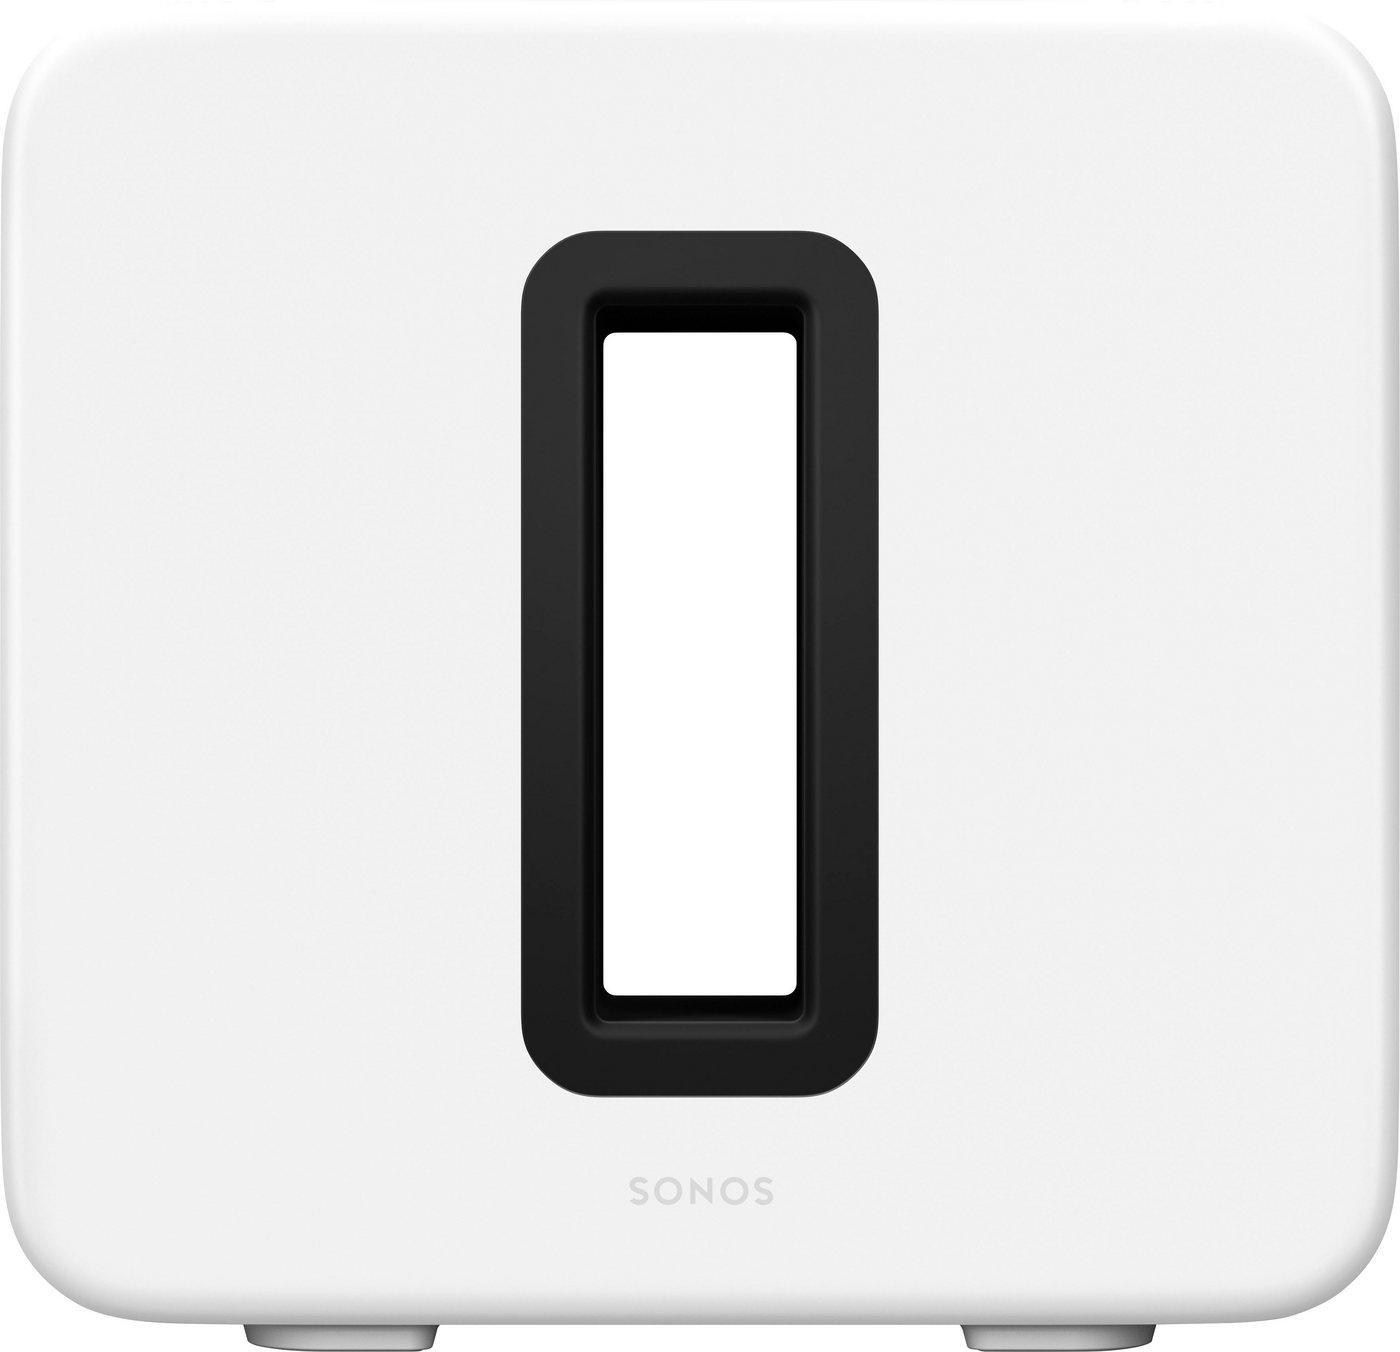 Sonos Sub (Gen3) WLAN- Subwoofer (LAN (Ethernet), WLAN), weiß